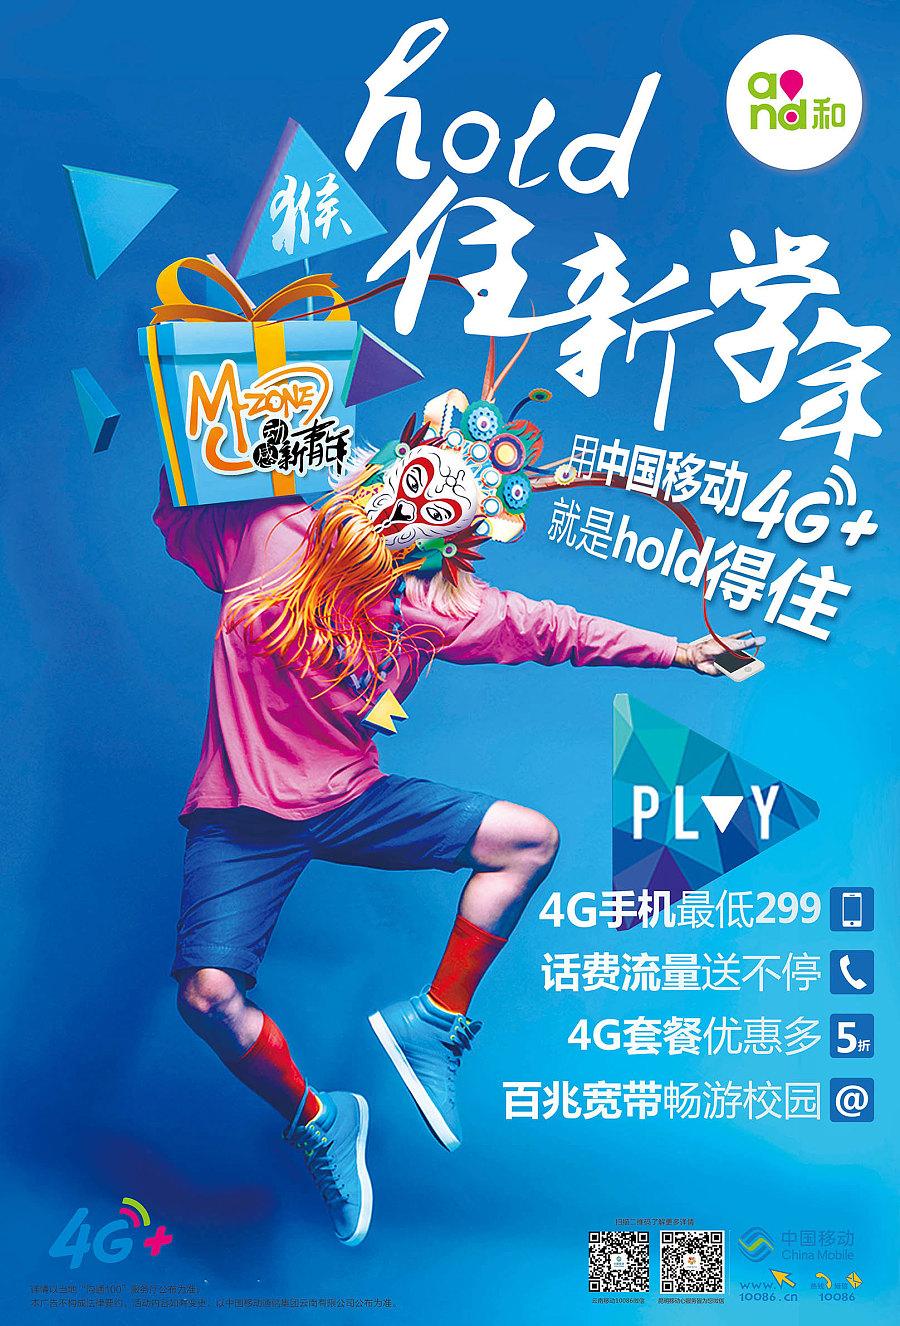 中国移动校园秋季迎新海报形象